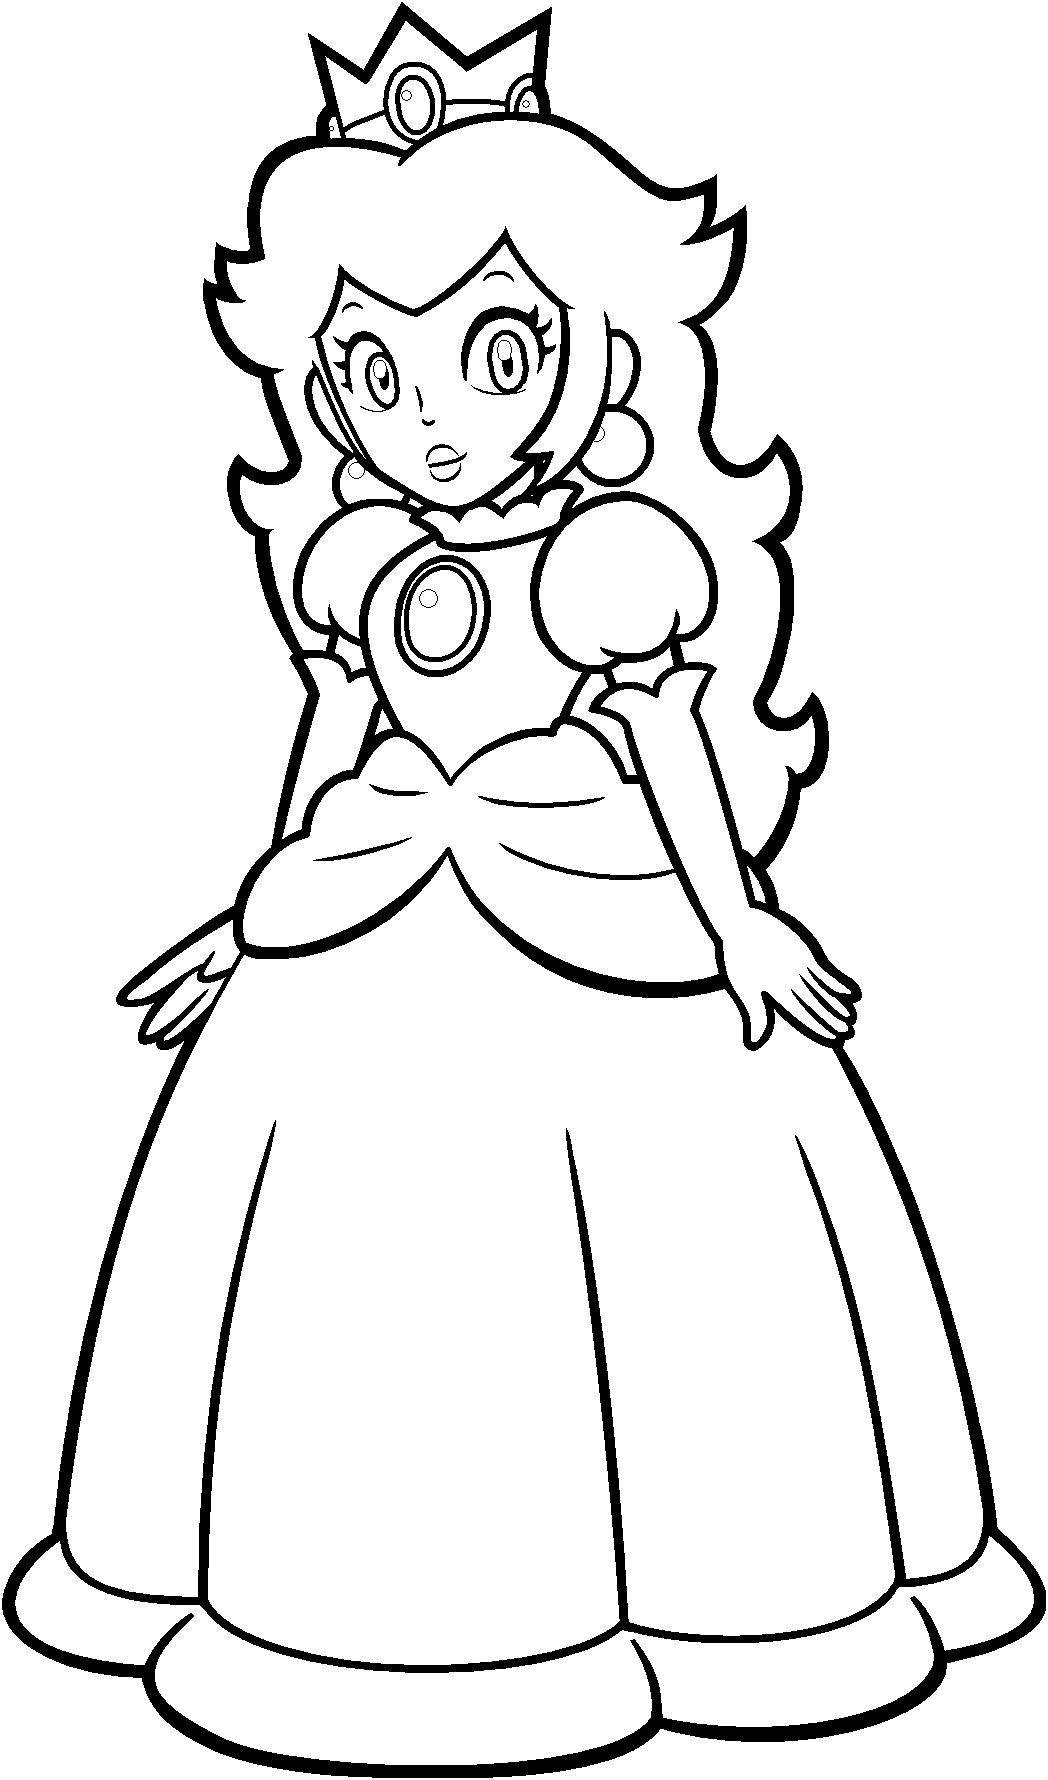 Mario Peach Kleurplaten.Luxe Toad Mario Kleurplaat Krijg Duizenden Kleurenfoto S Van De Beste